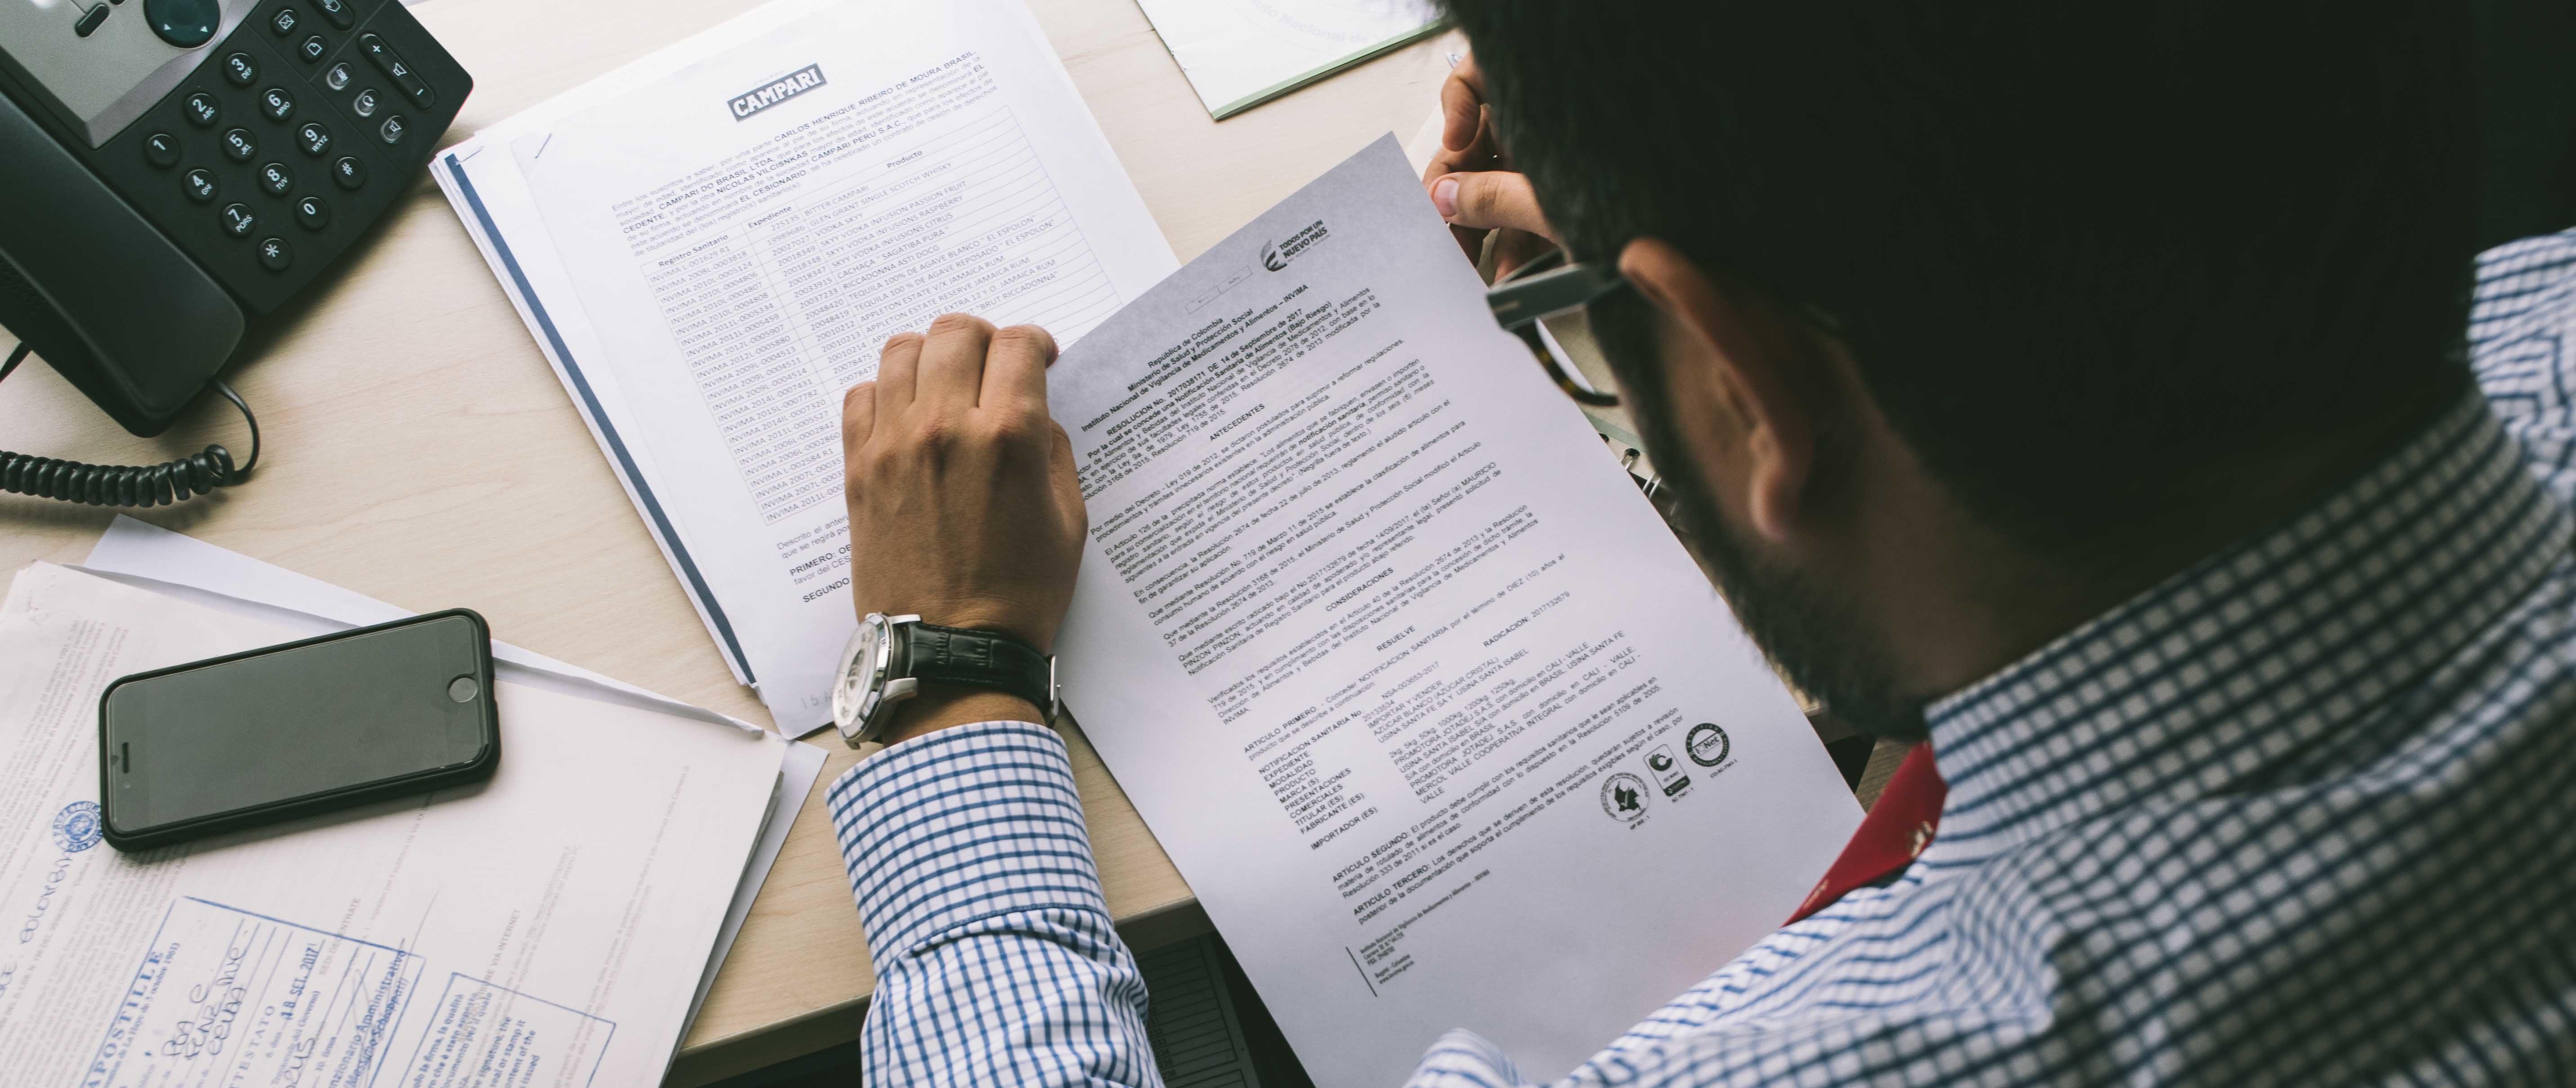 Registro Sanitario | Asuntos Regulatorios | Abogados registros sanitarios